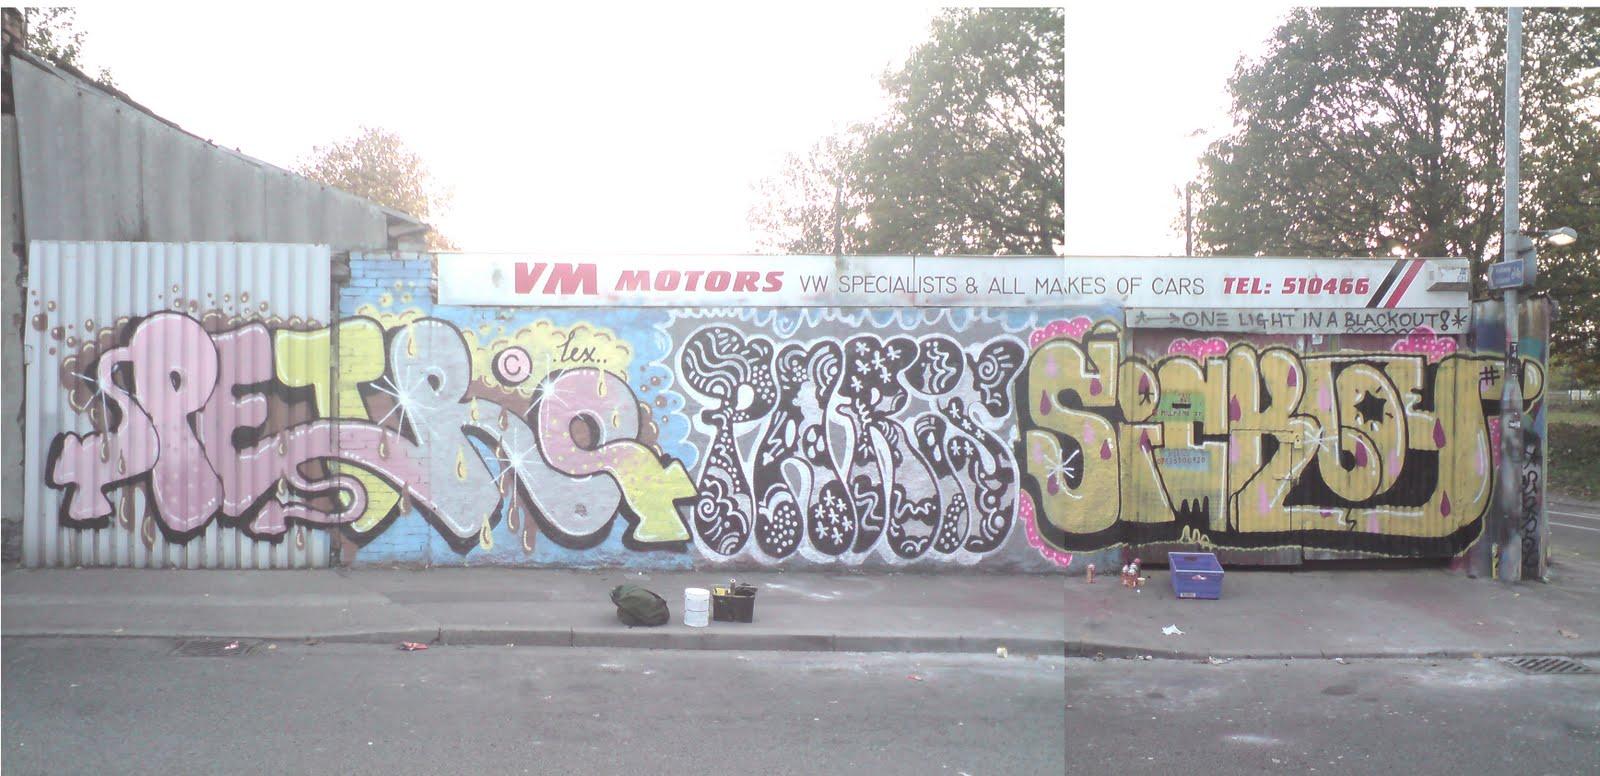 [Petro,+Paris+,+Sickboy+]